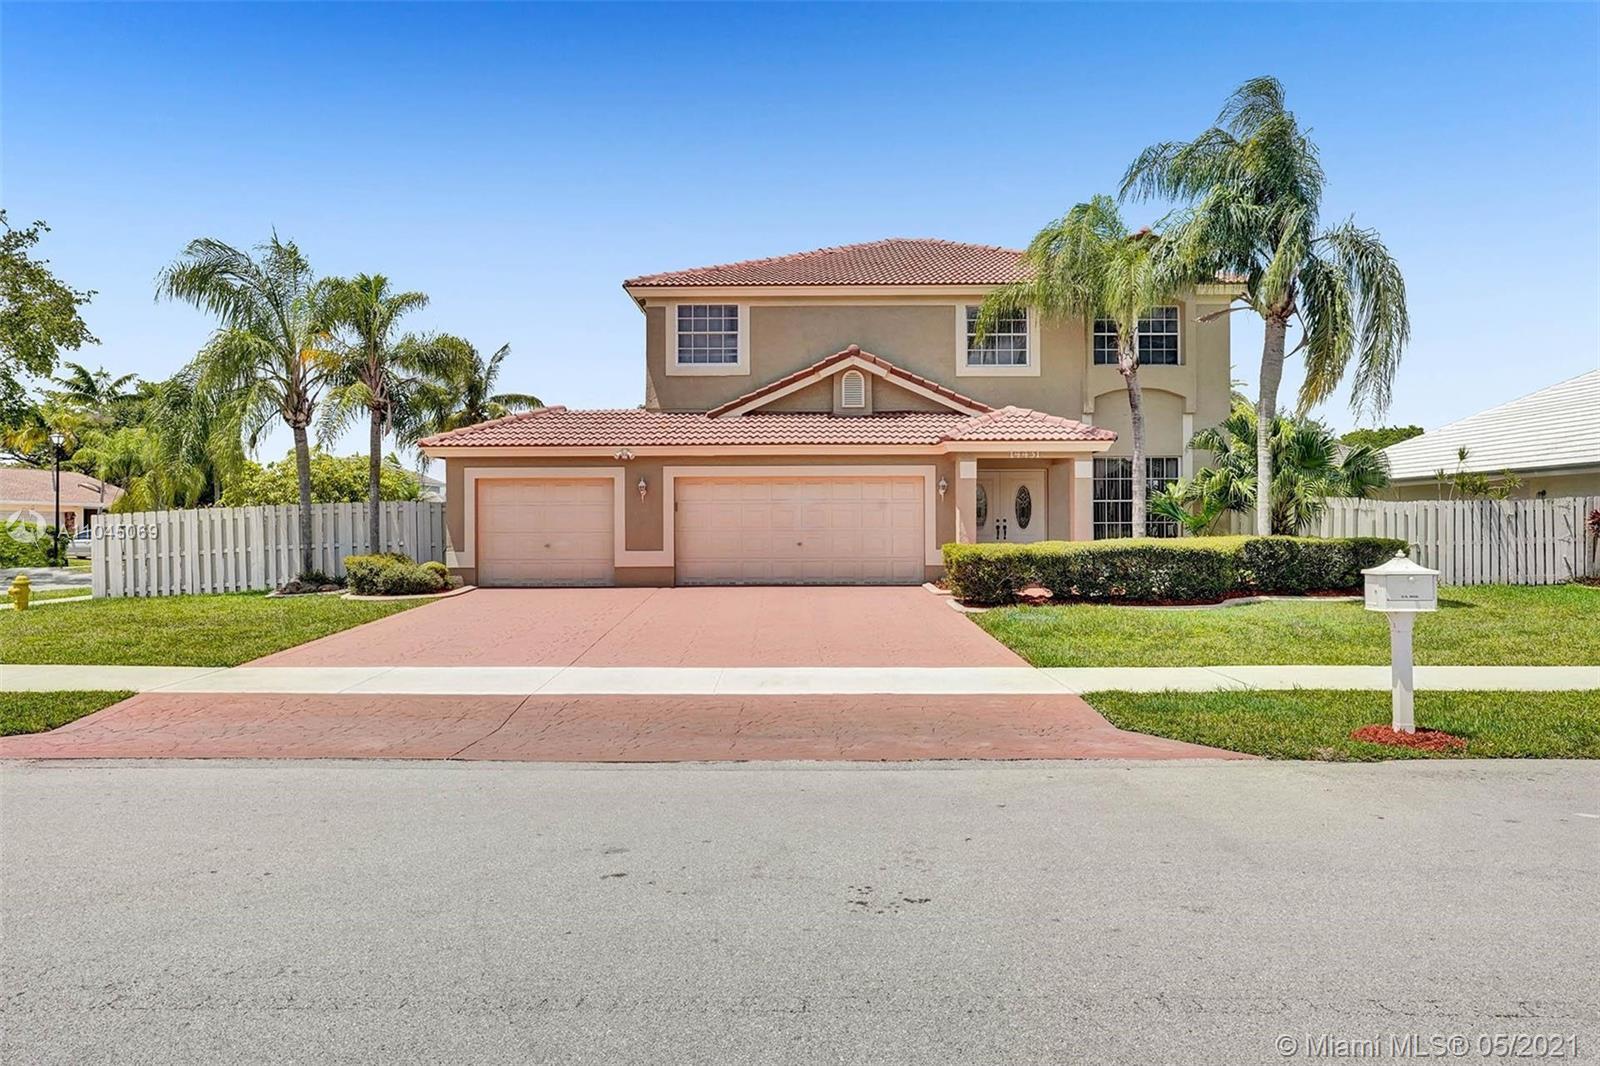 Shenandoah - 14431 Greenbriar Manor, Davie, FL 33325